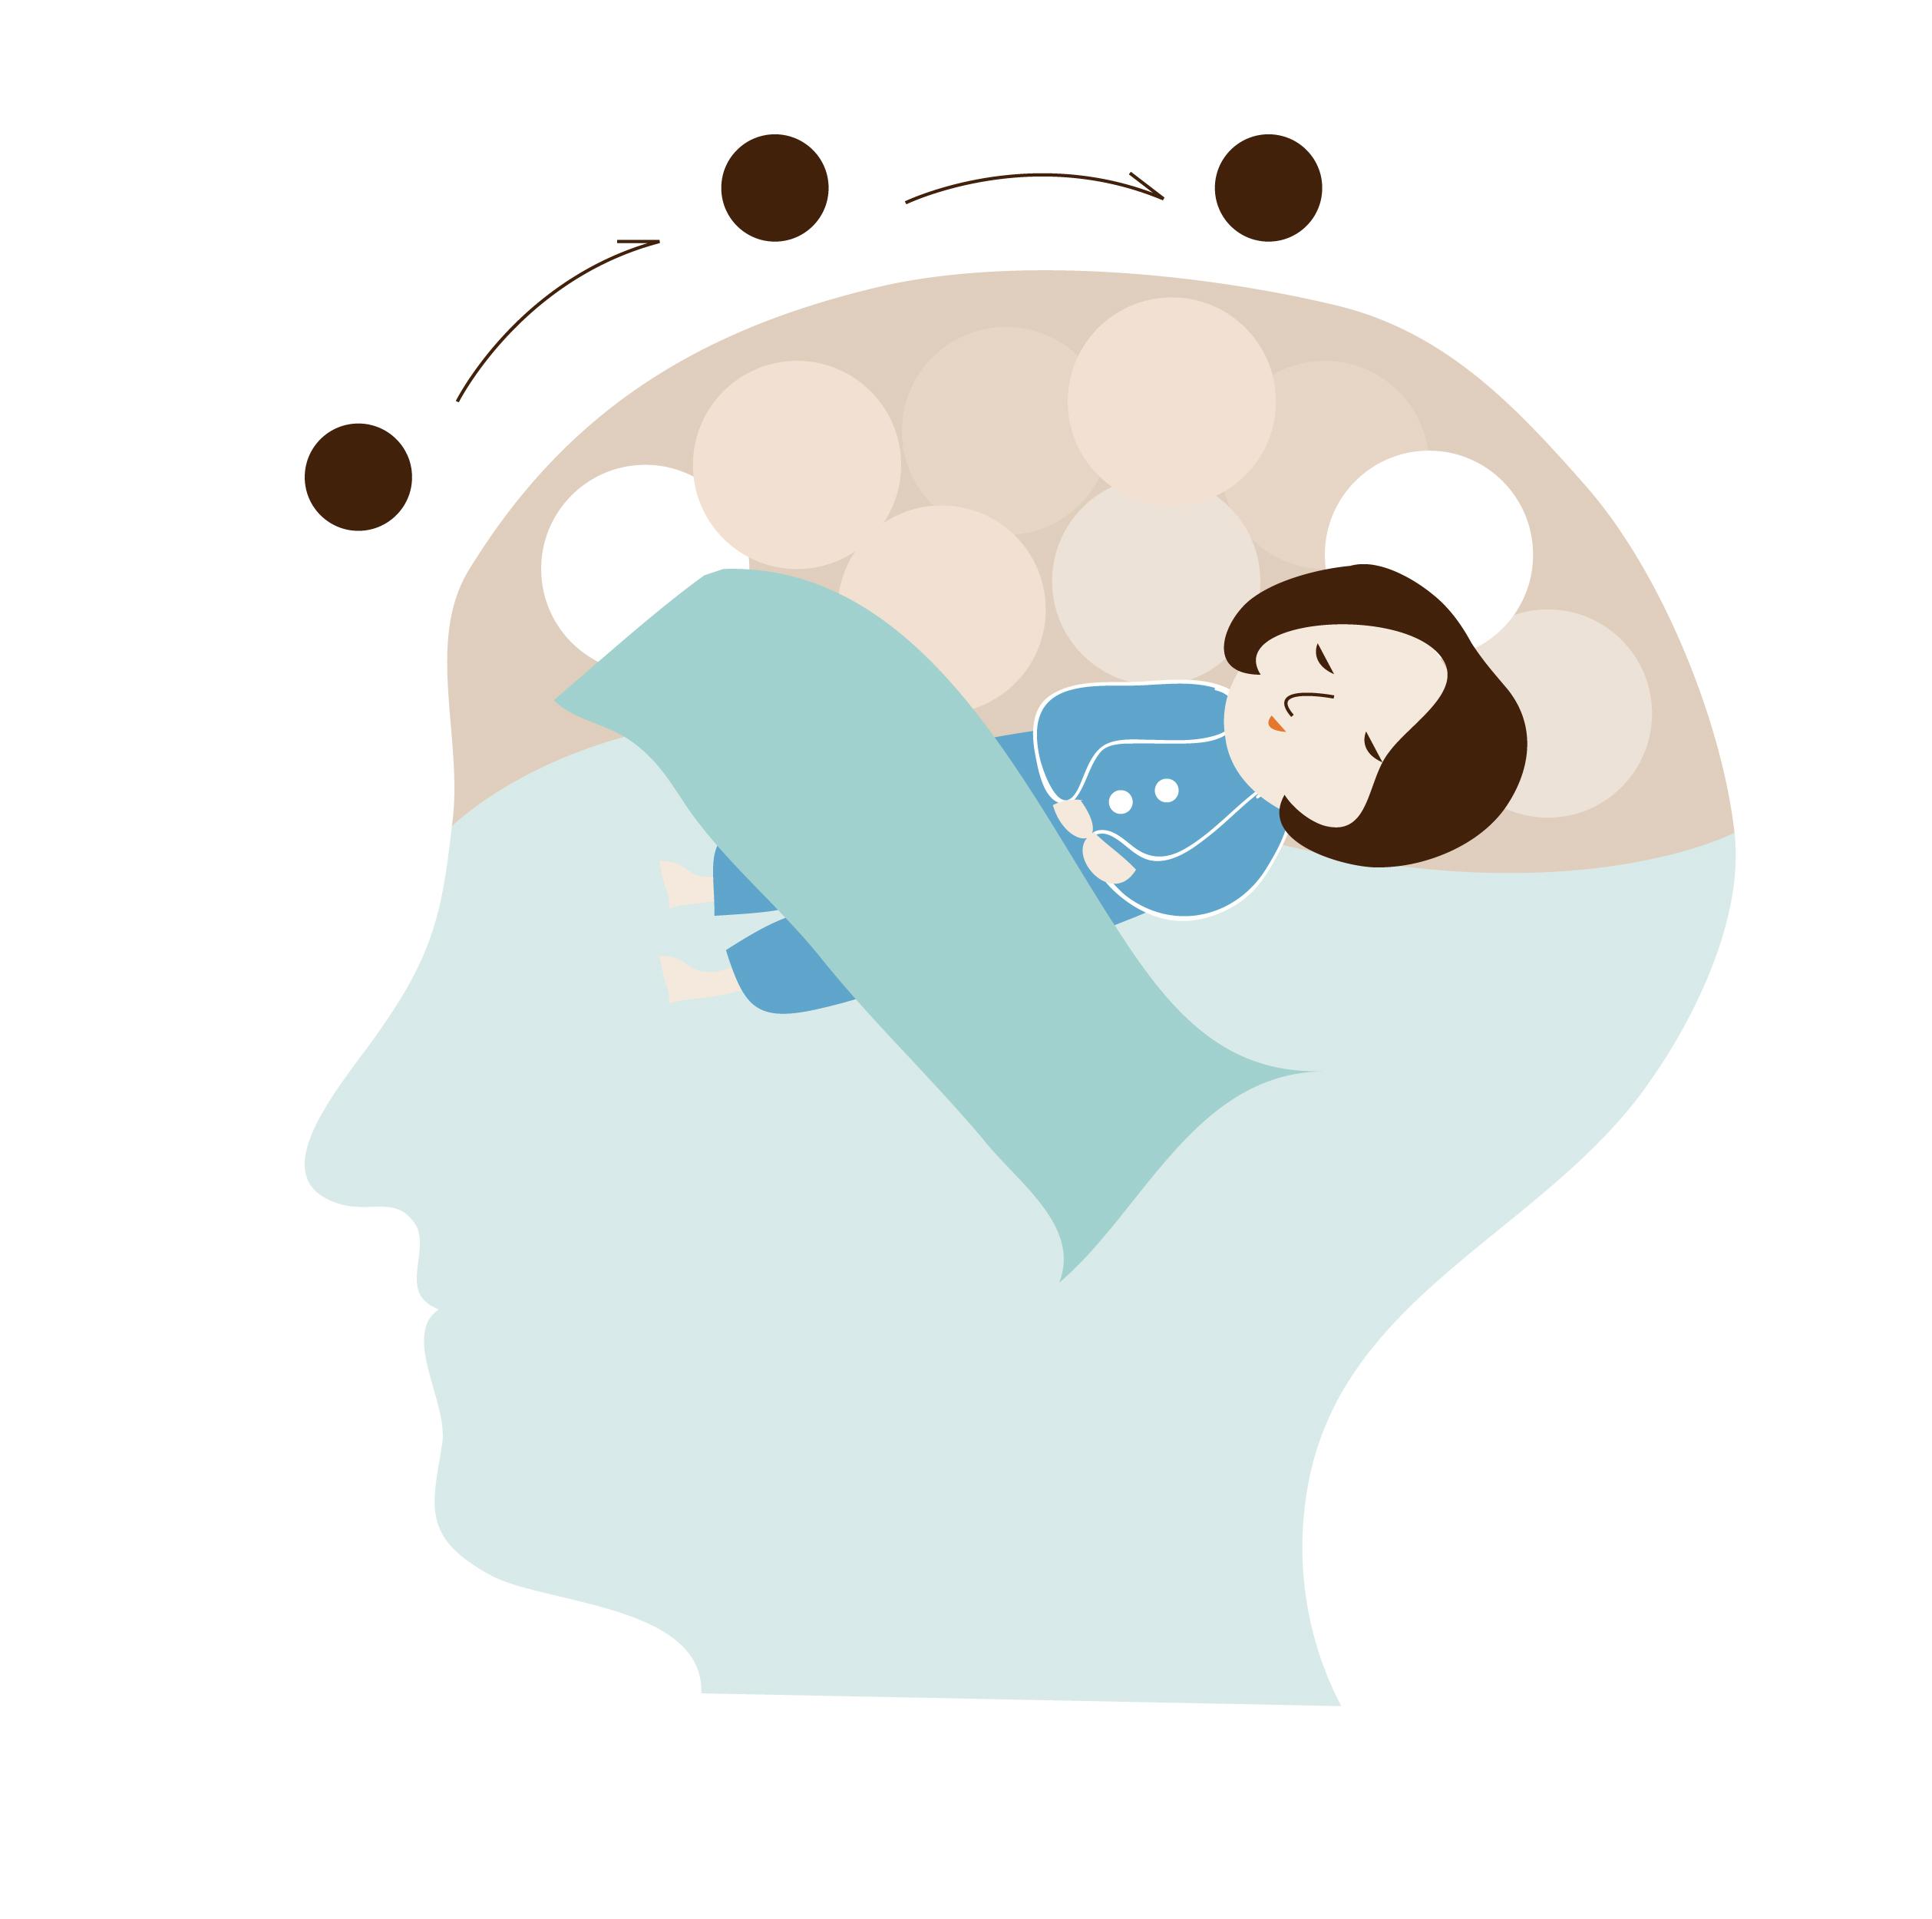 文/中國醫藥大學附設醫院精神醫學部 林俊成臨床心理師 編輯/321大編與小編 圖/Hannah Chen 人類所有的思考、情緒及行為,多與腦部功能有關;我們知道腦部功能的改變會直接影響到行為與情緒,許多曾經受過腦部創傷的人往往在手術後會產生不同程度的性格變化。這時,許多人便會提出一個有趣的假設:如果,從另外一個角度來看,人類主動改變自身的行為與情緒,是否也可以反轉改變腦部功能? 德國科學家Draganski等人曾經在自然(Nature)科學期刊發表一篇論文(註一),將從來沒碰過三球雜技(classic